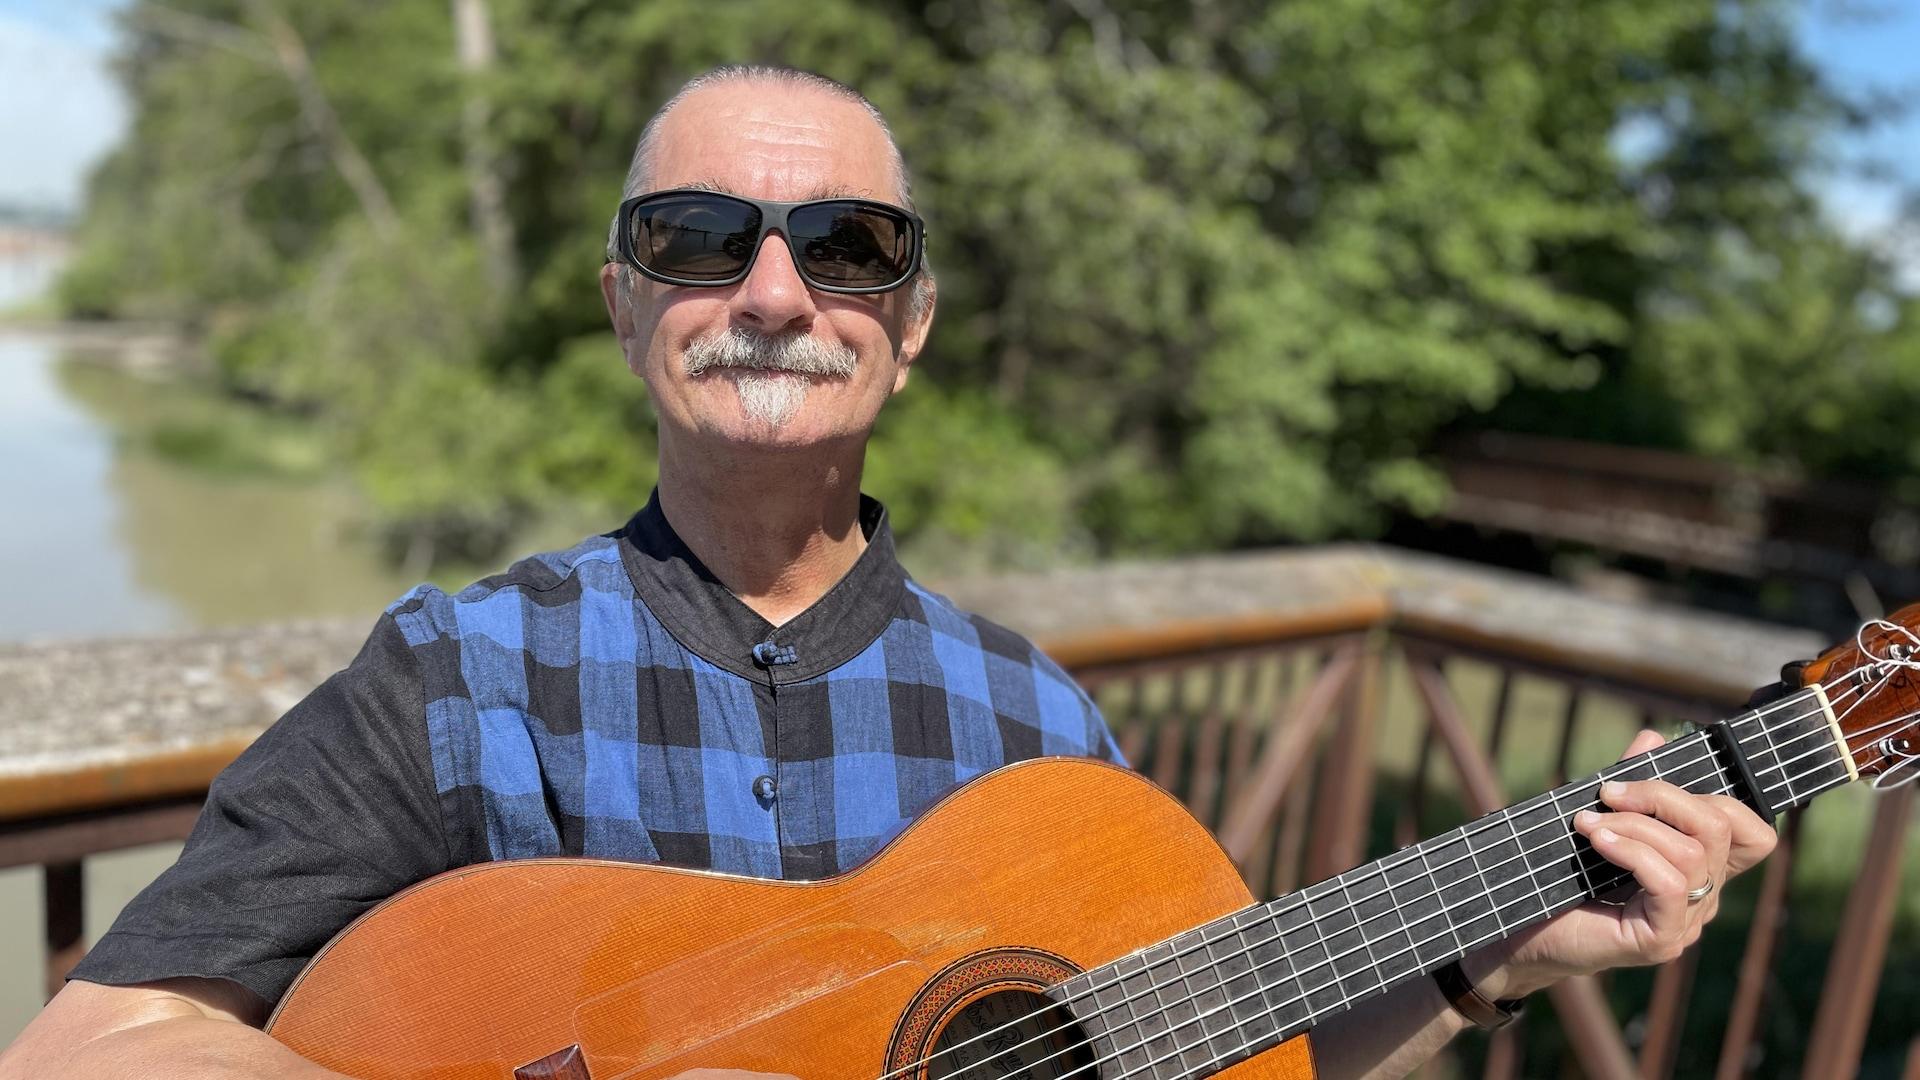 Photographie du musicien André Thibault jouant de la guitare.